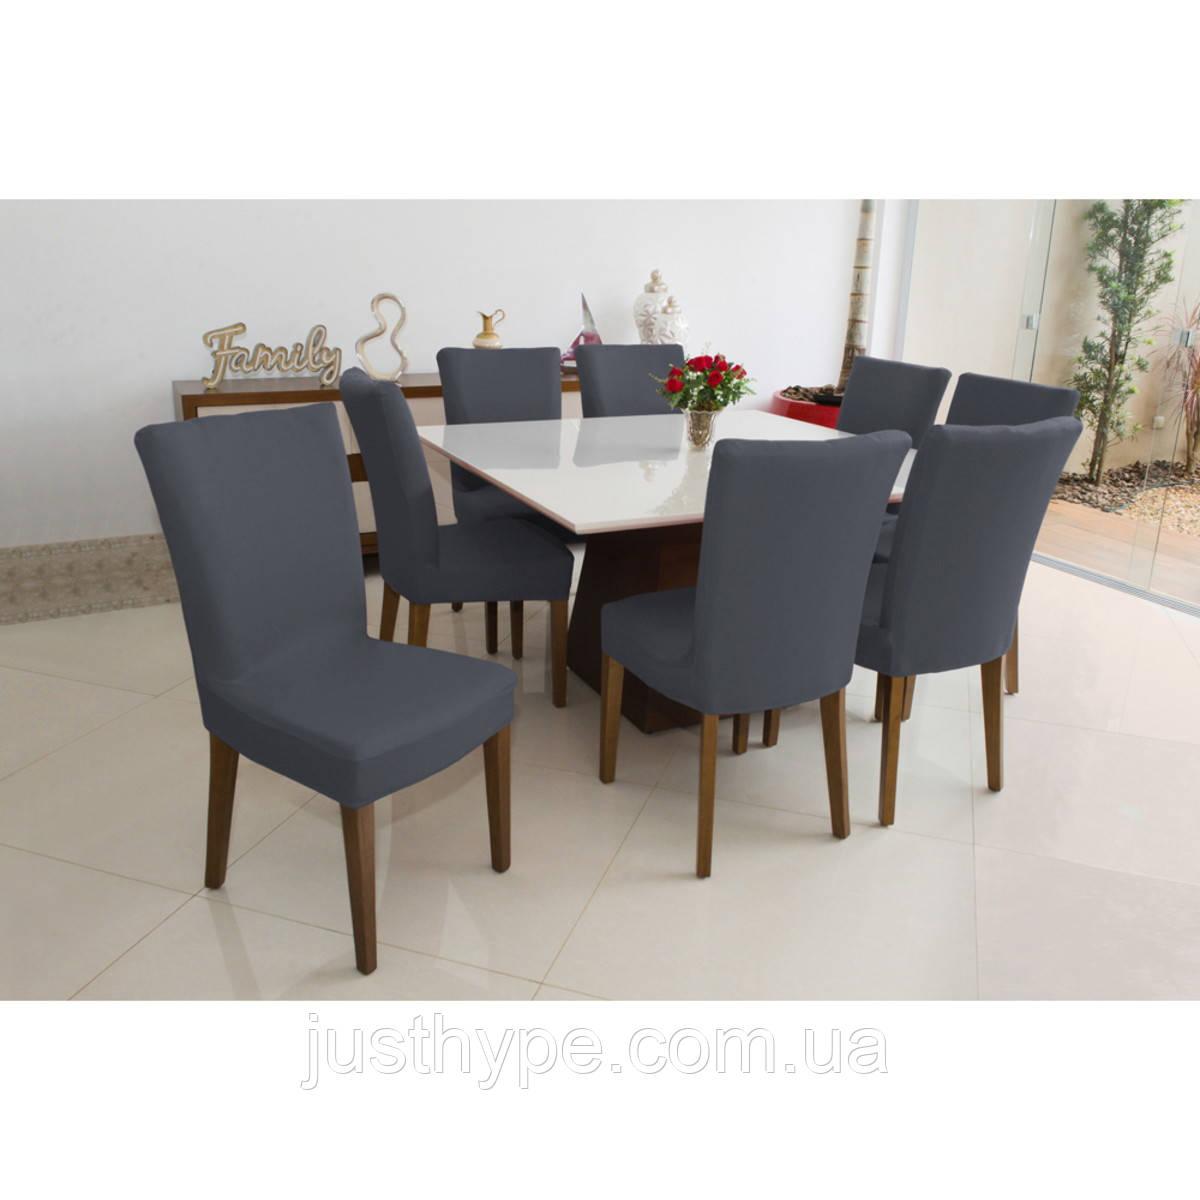 Чехол на стулья универсальный для мебели цвет серый  Код 14-0717